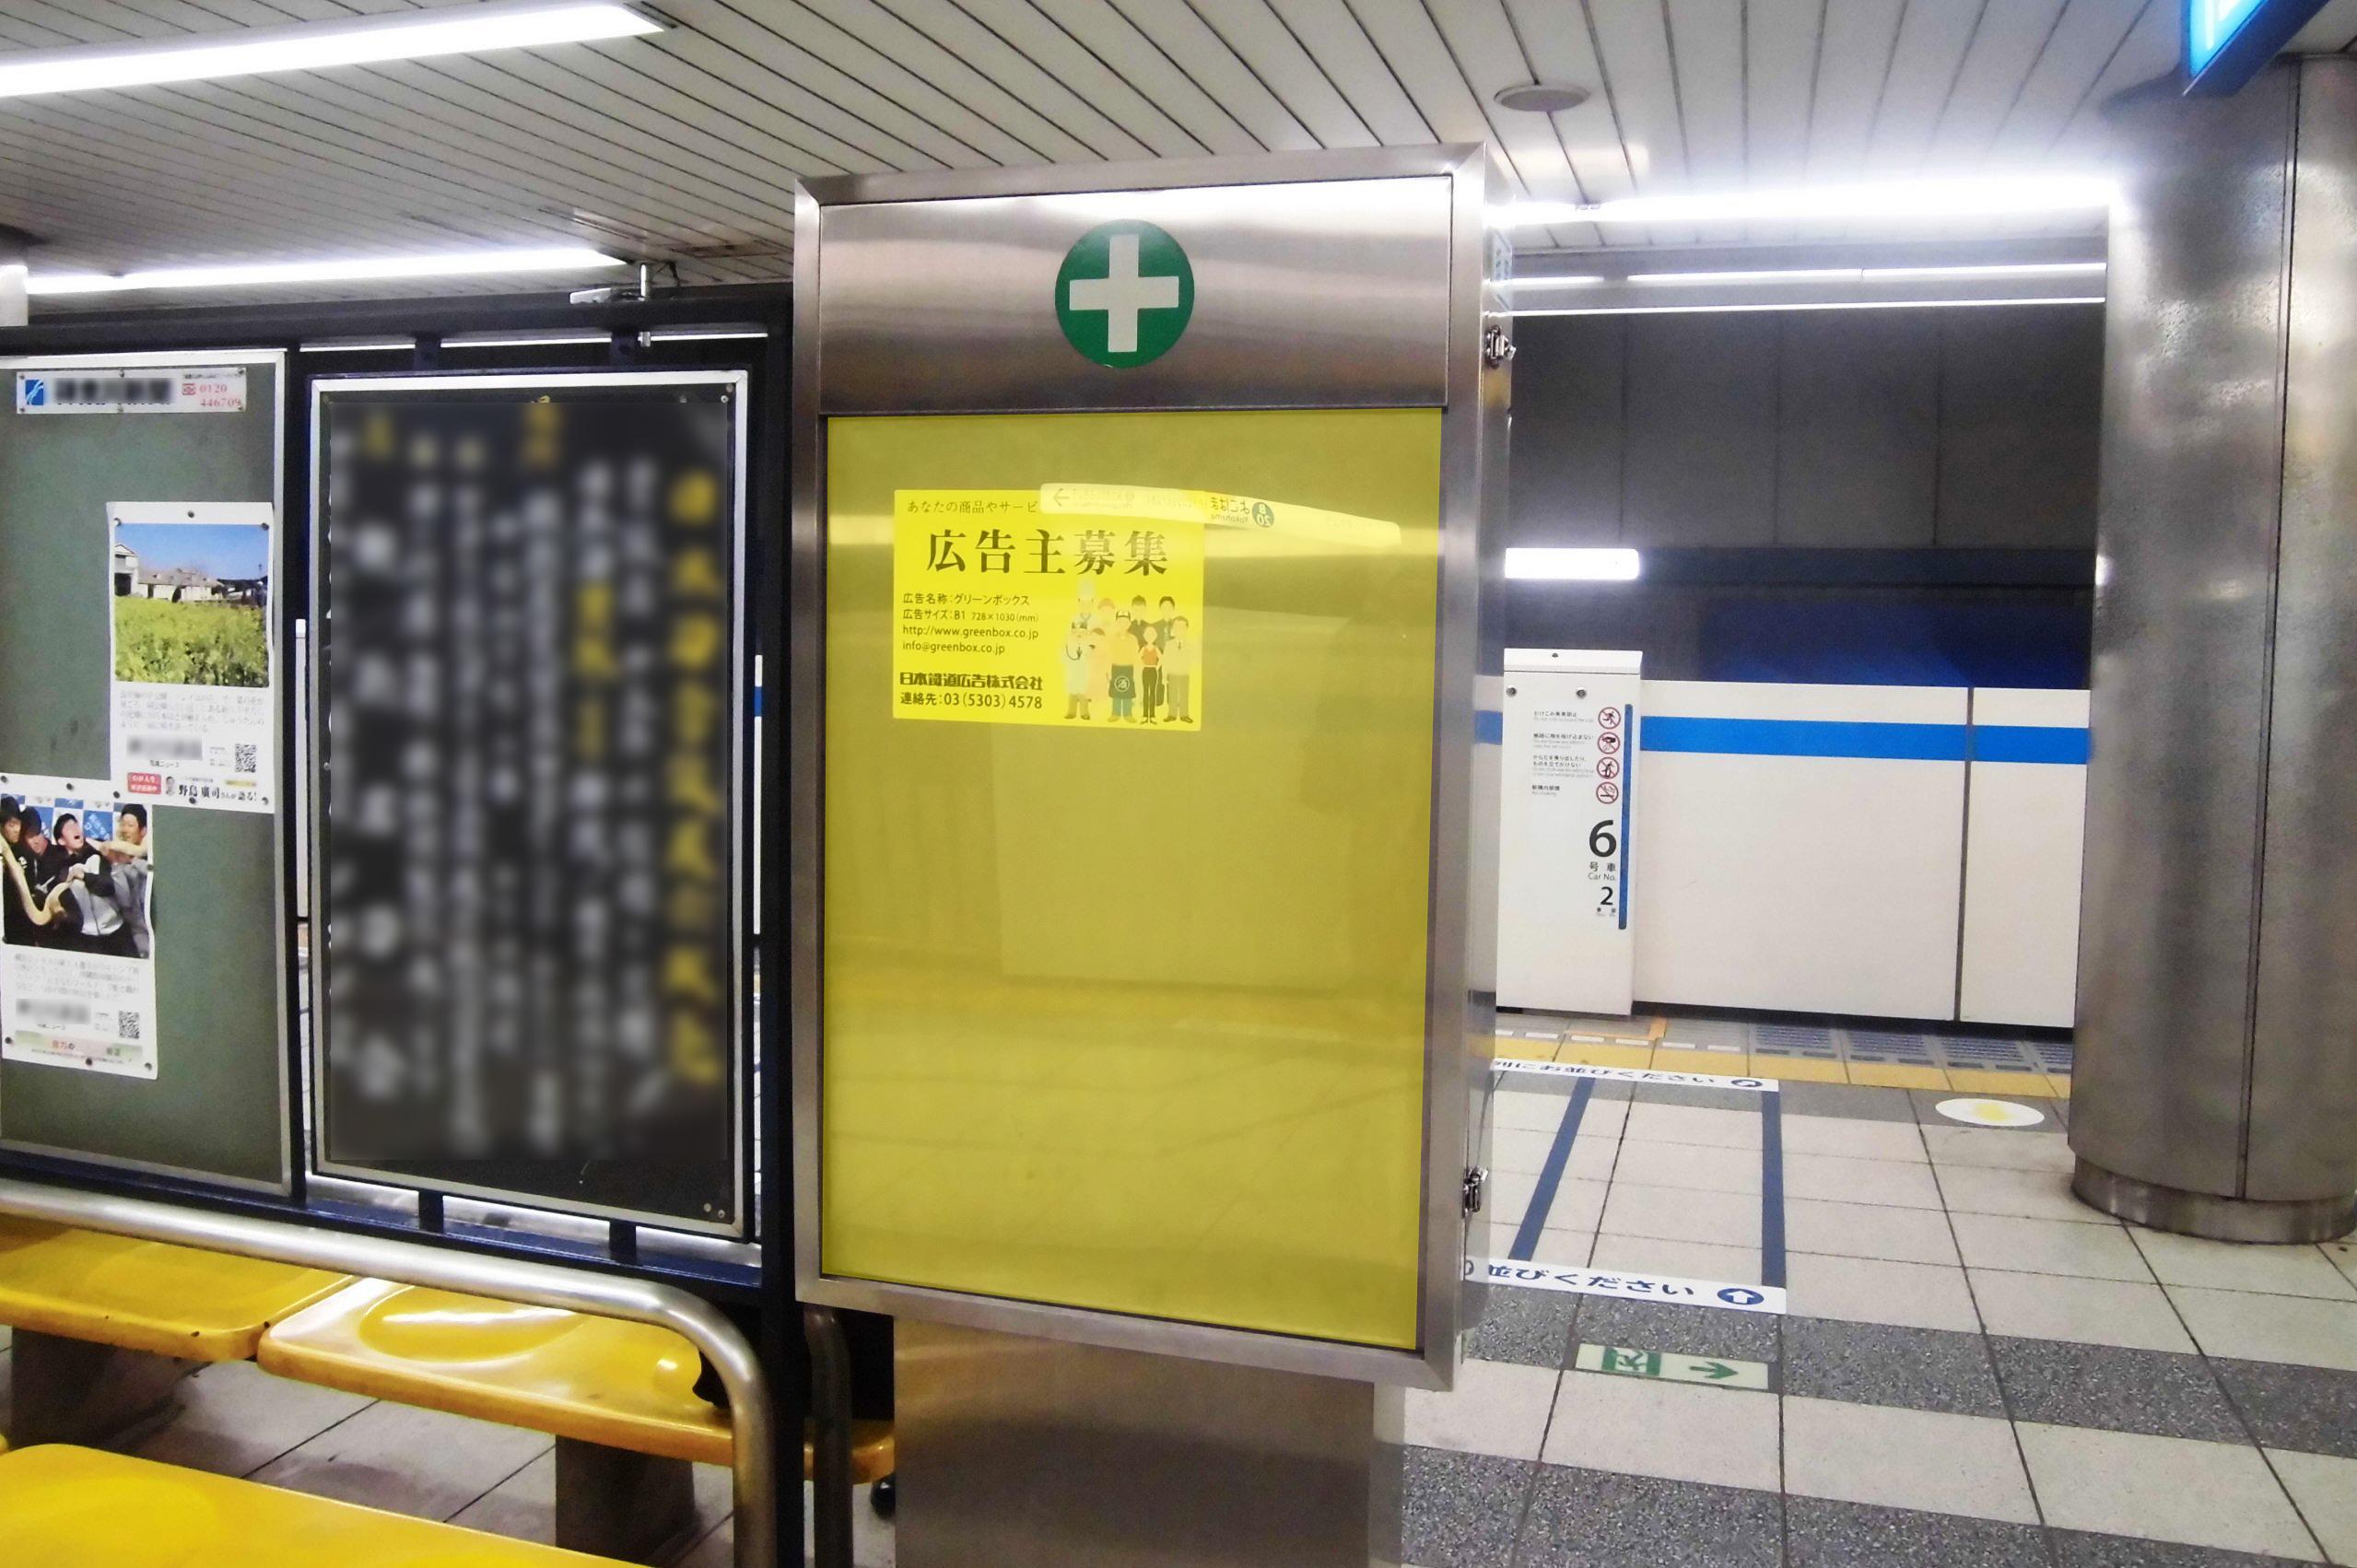 横浜駅媒体画像